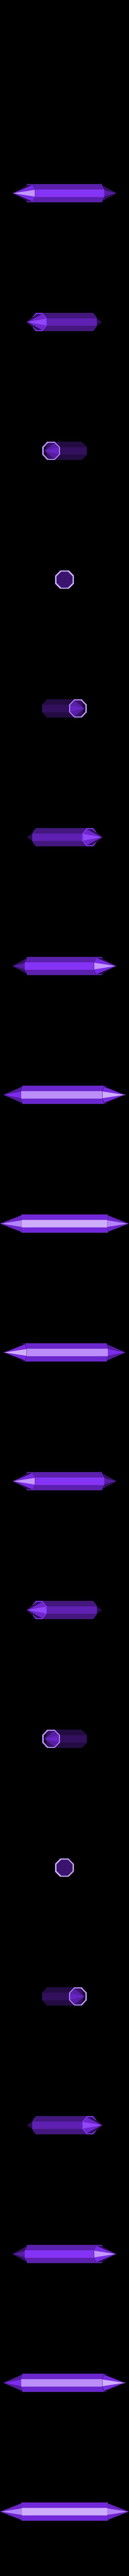 gyroscope-axle.stl Télécharger fichier STL gratuit Gyroscope jouet • Modèle imprimable en 3D, AliSouskian